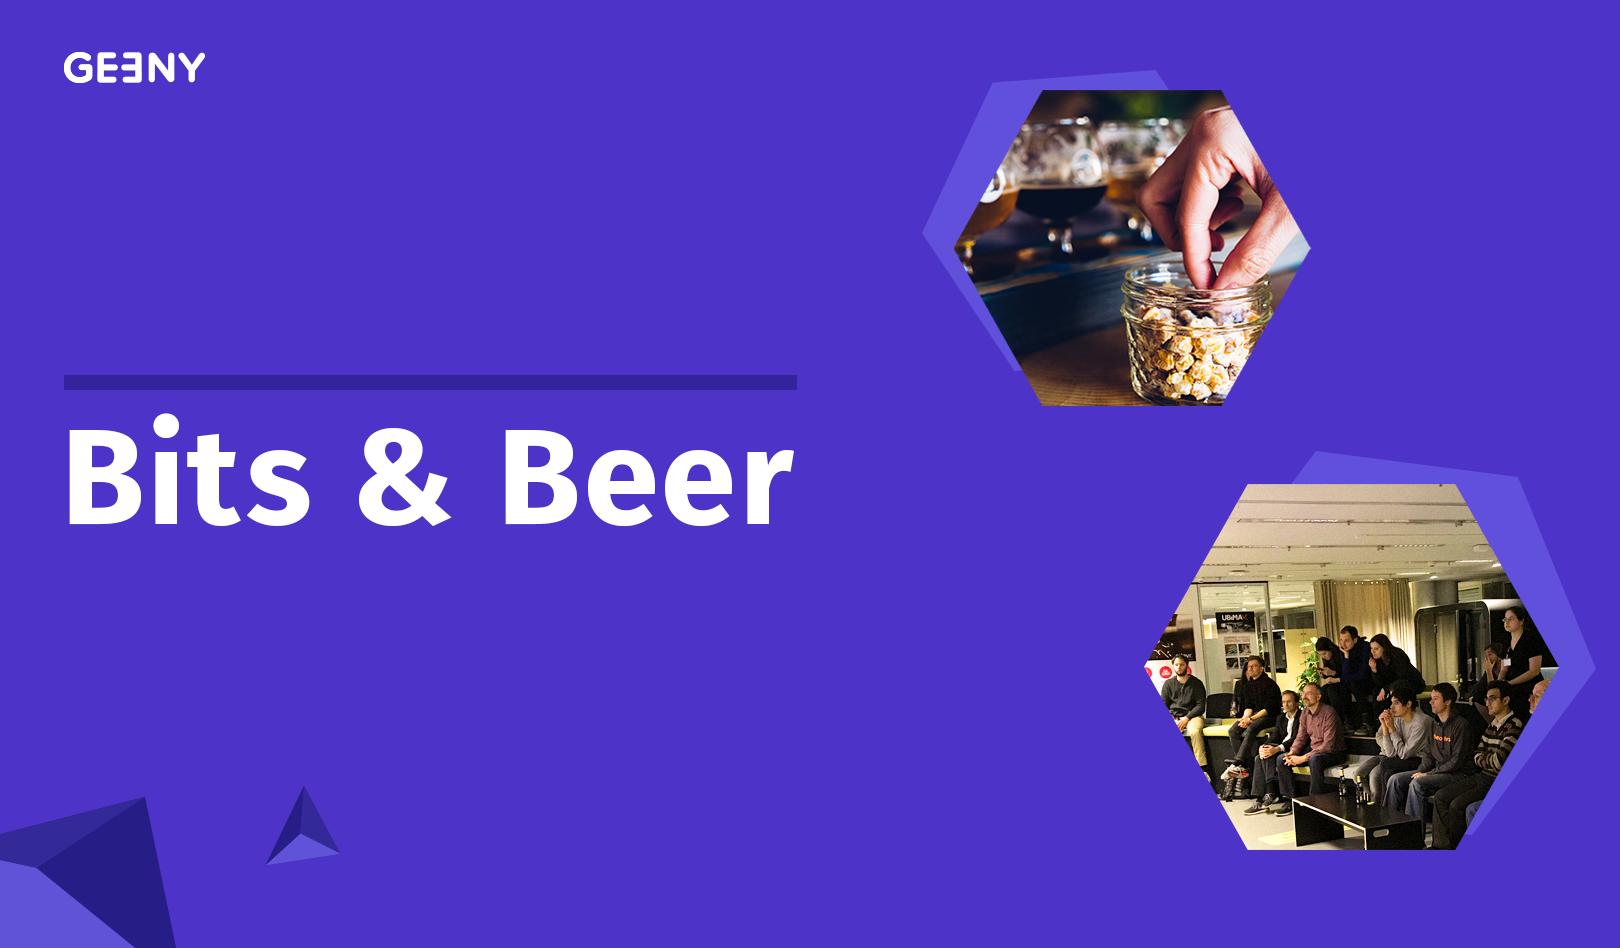 Bits & Beer - Berlin's IoT Developer Evening